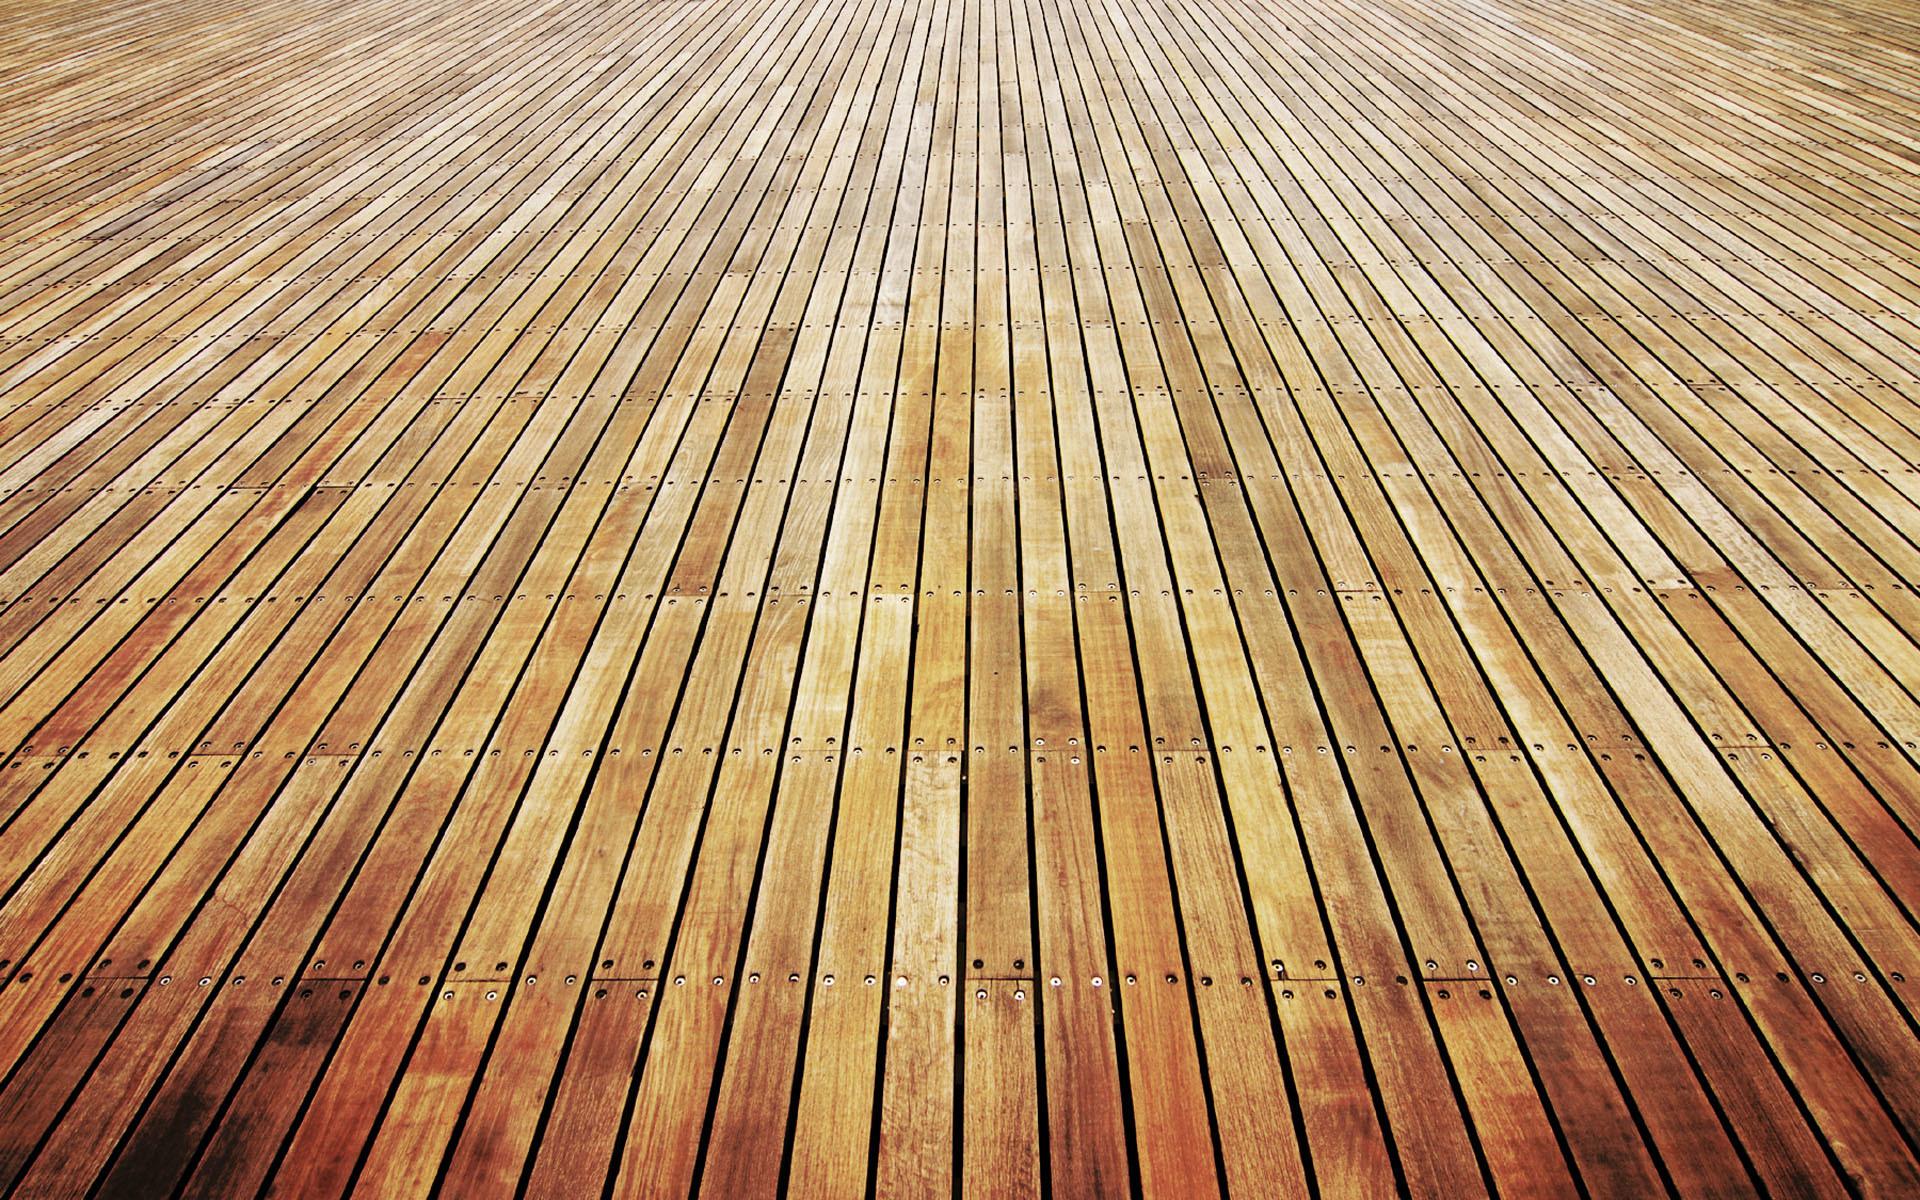 … Hardwood Flooring Wallpaper And Hardwood Floor Wallpaper Wallsavedcom  Trends Floor …